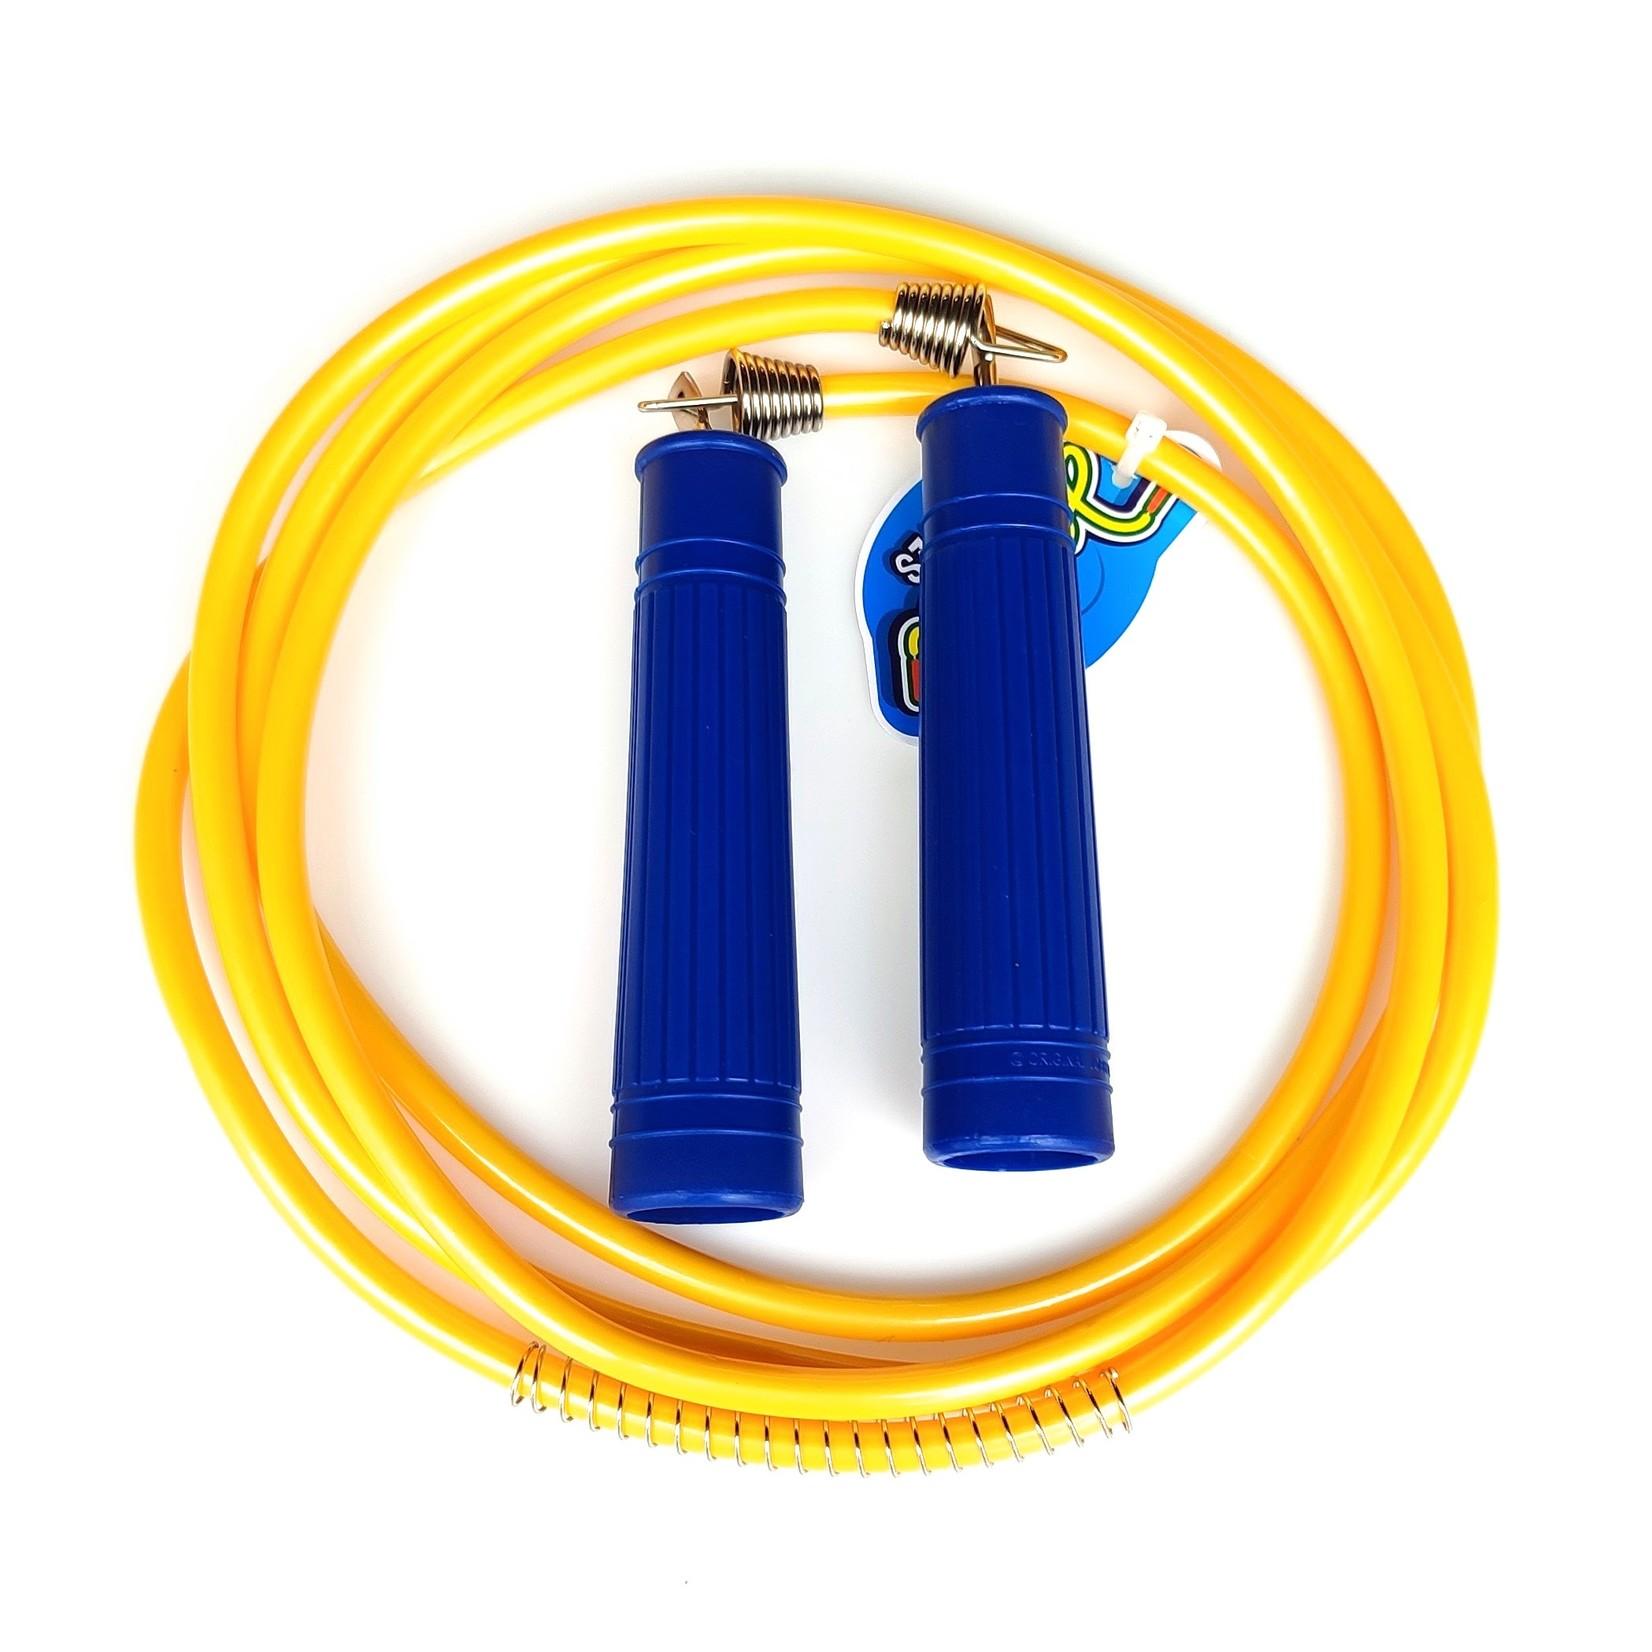 Jobber Ropes kids Jobber Ropes – Kinder springtouw Deluxe (geel)